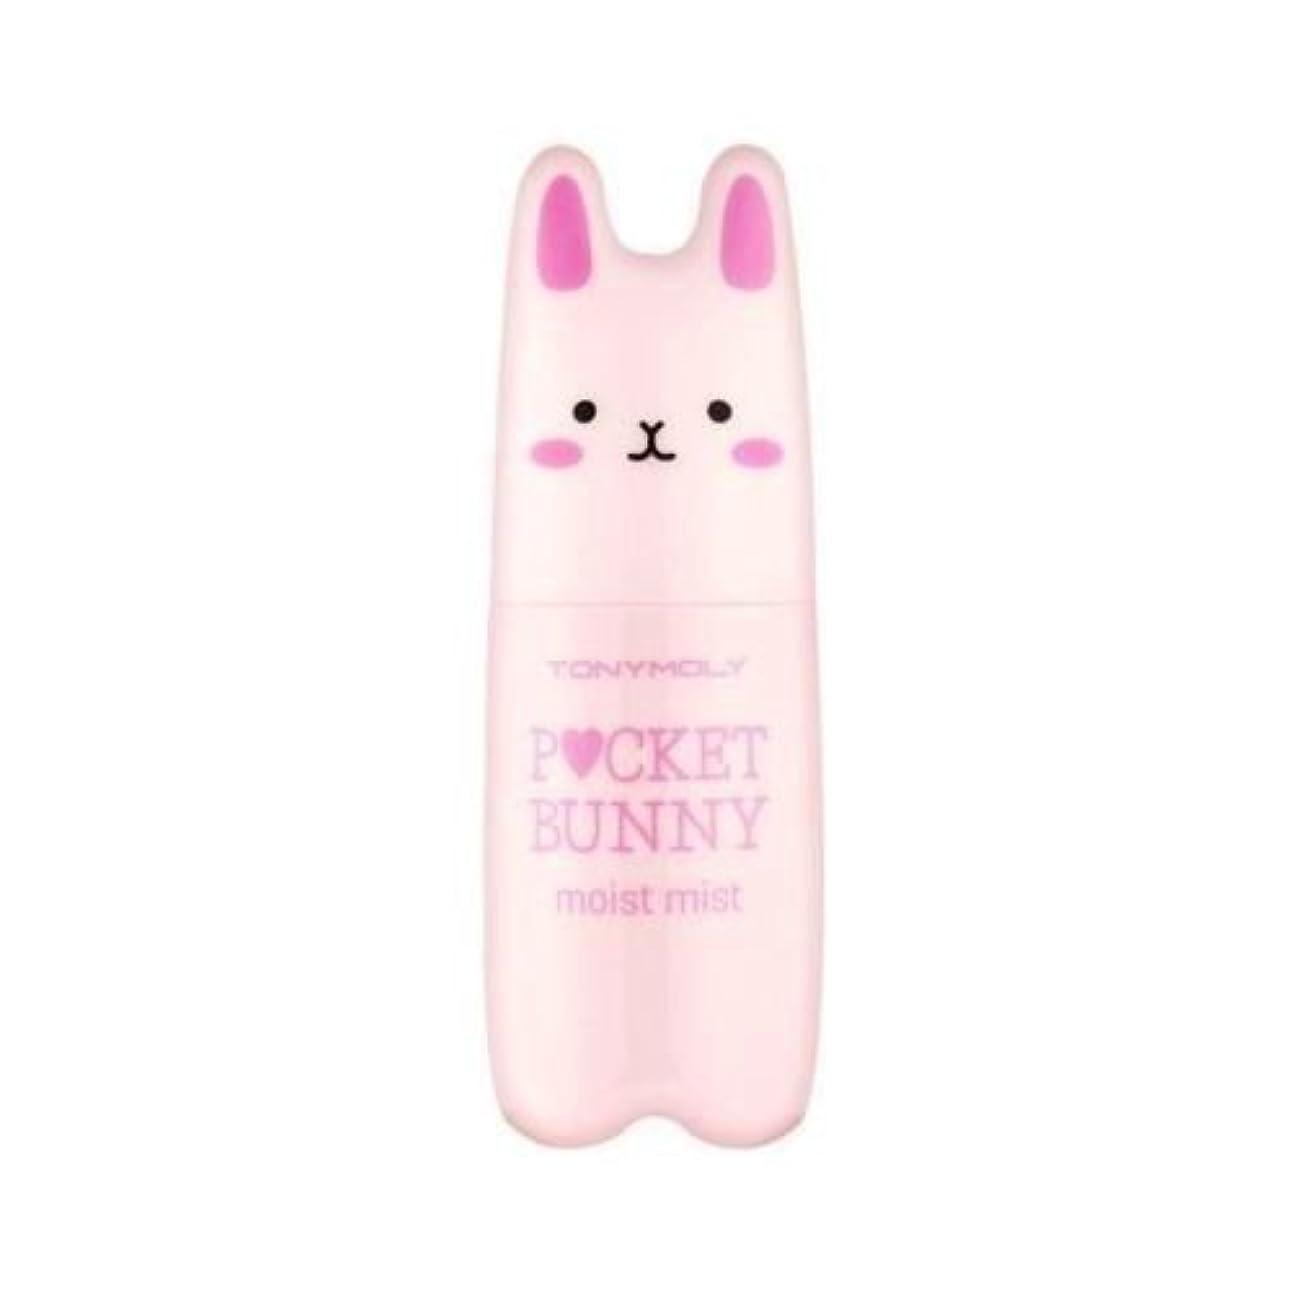 読者実証する暴力的な(3 Pack) TONYMOLY Pocket Bunny Moist Mist (並行輸入品)